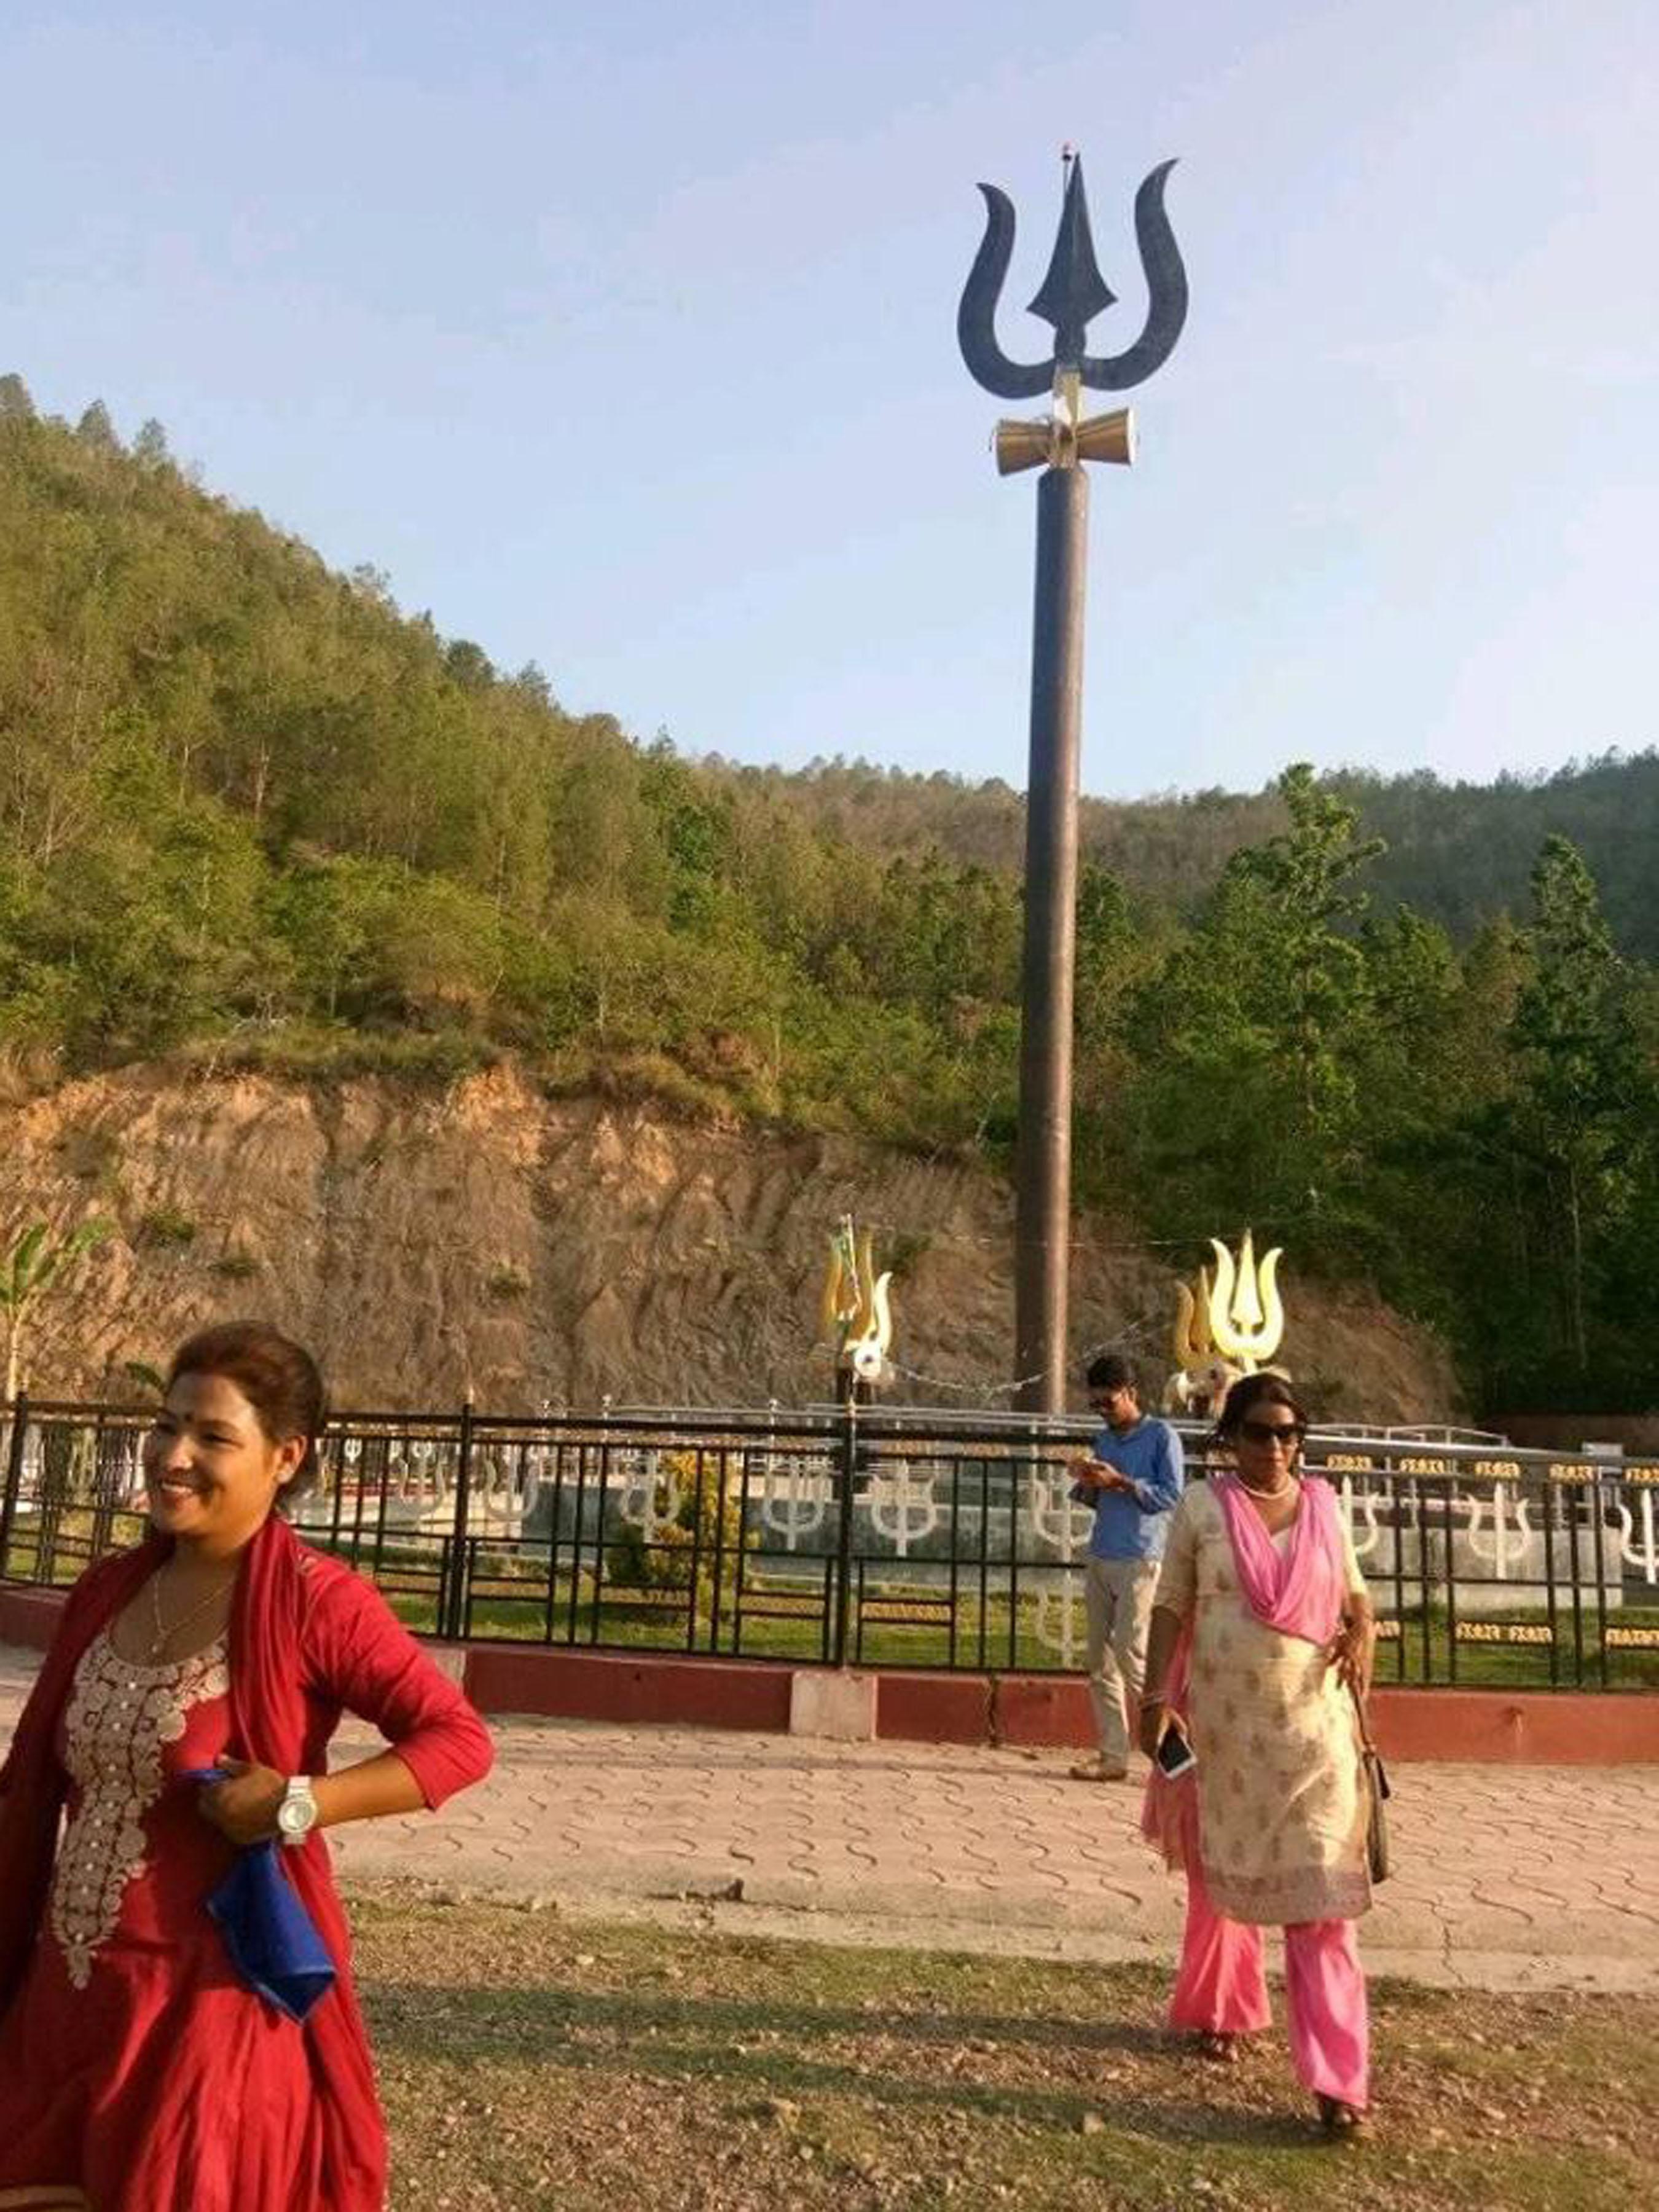 दाङको धारापानीमा सबैभन्दा ठूलो 'त्रिशुल'